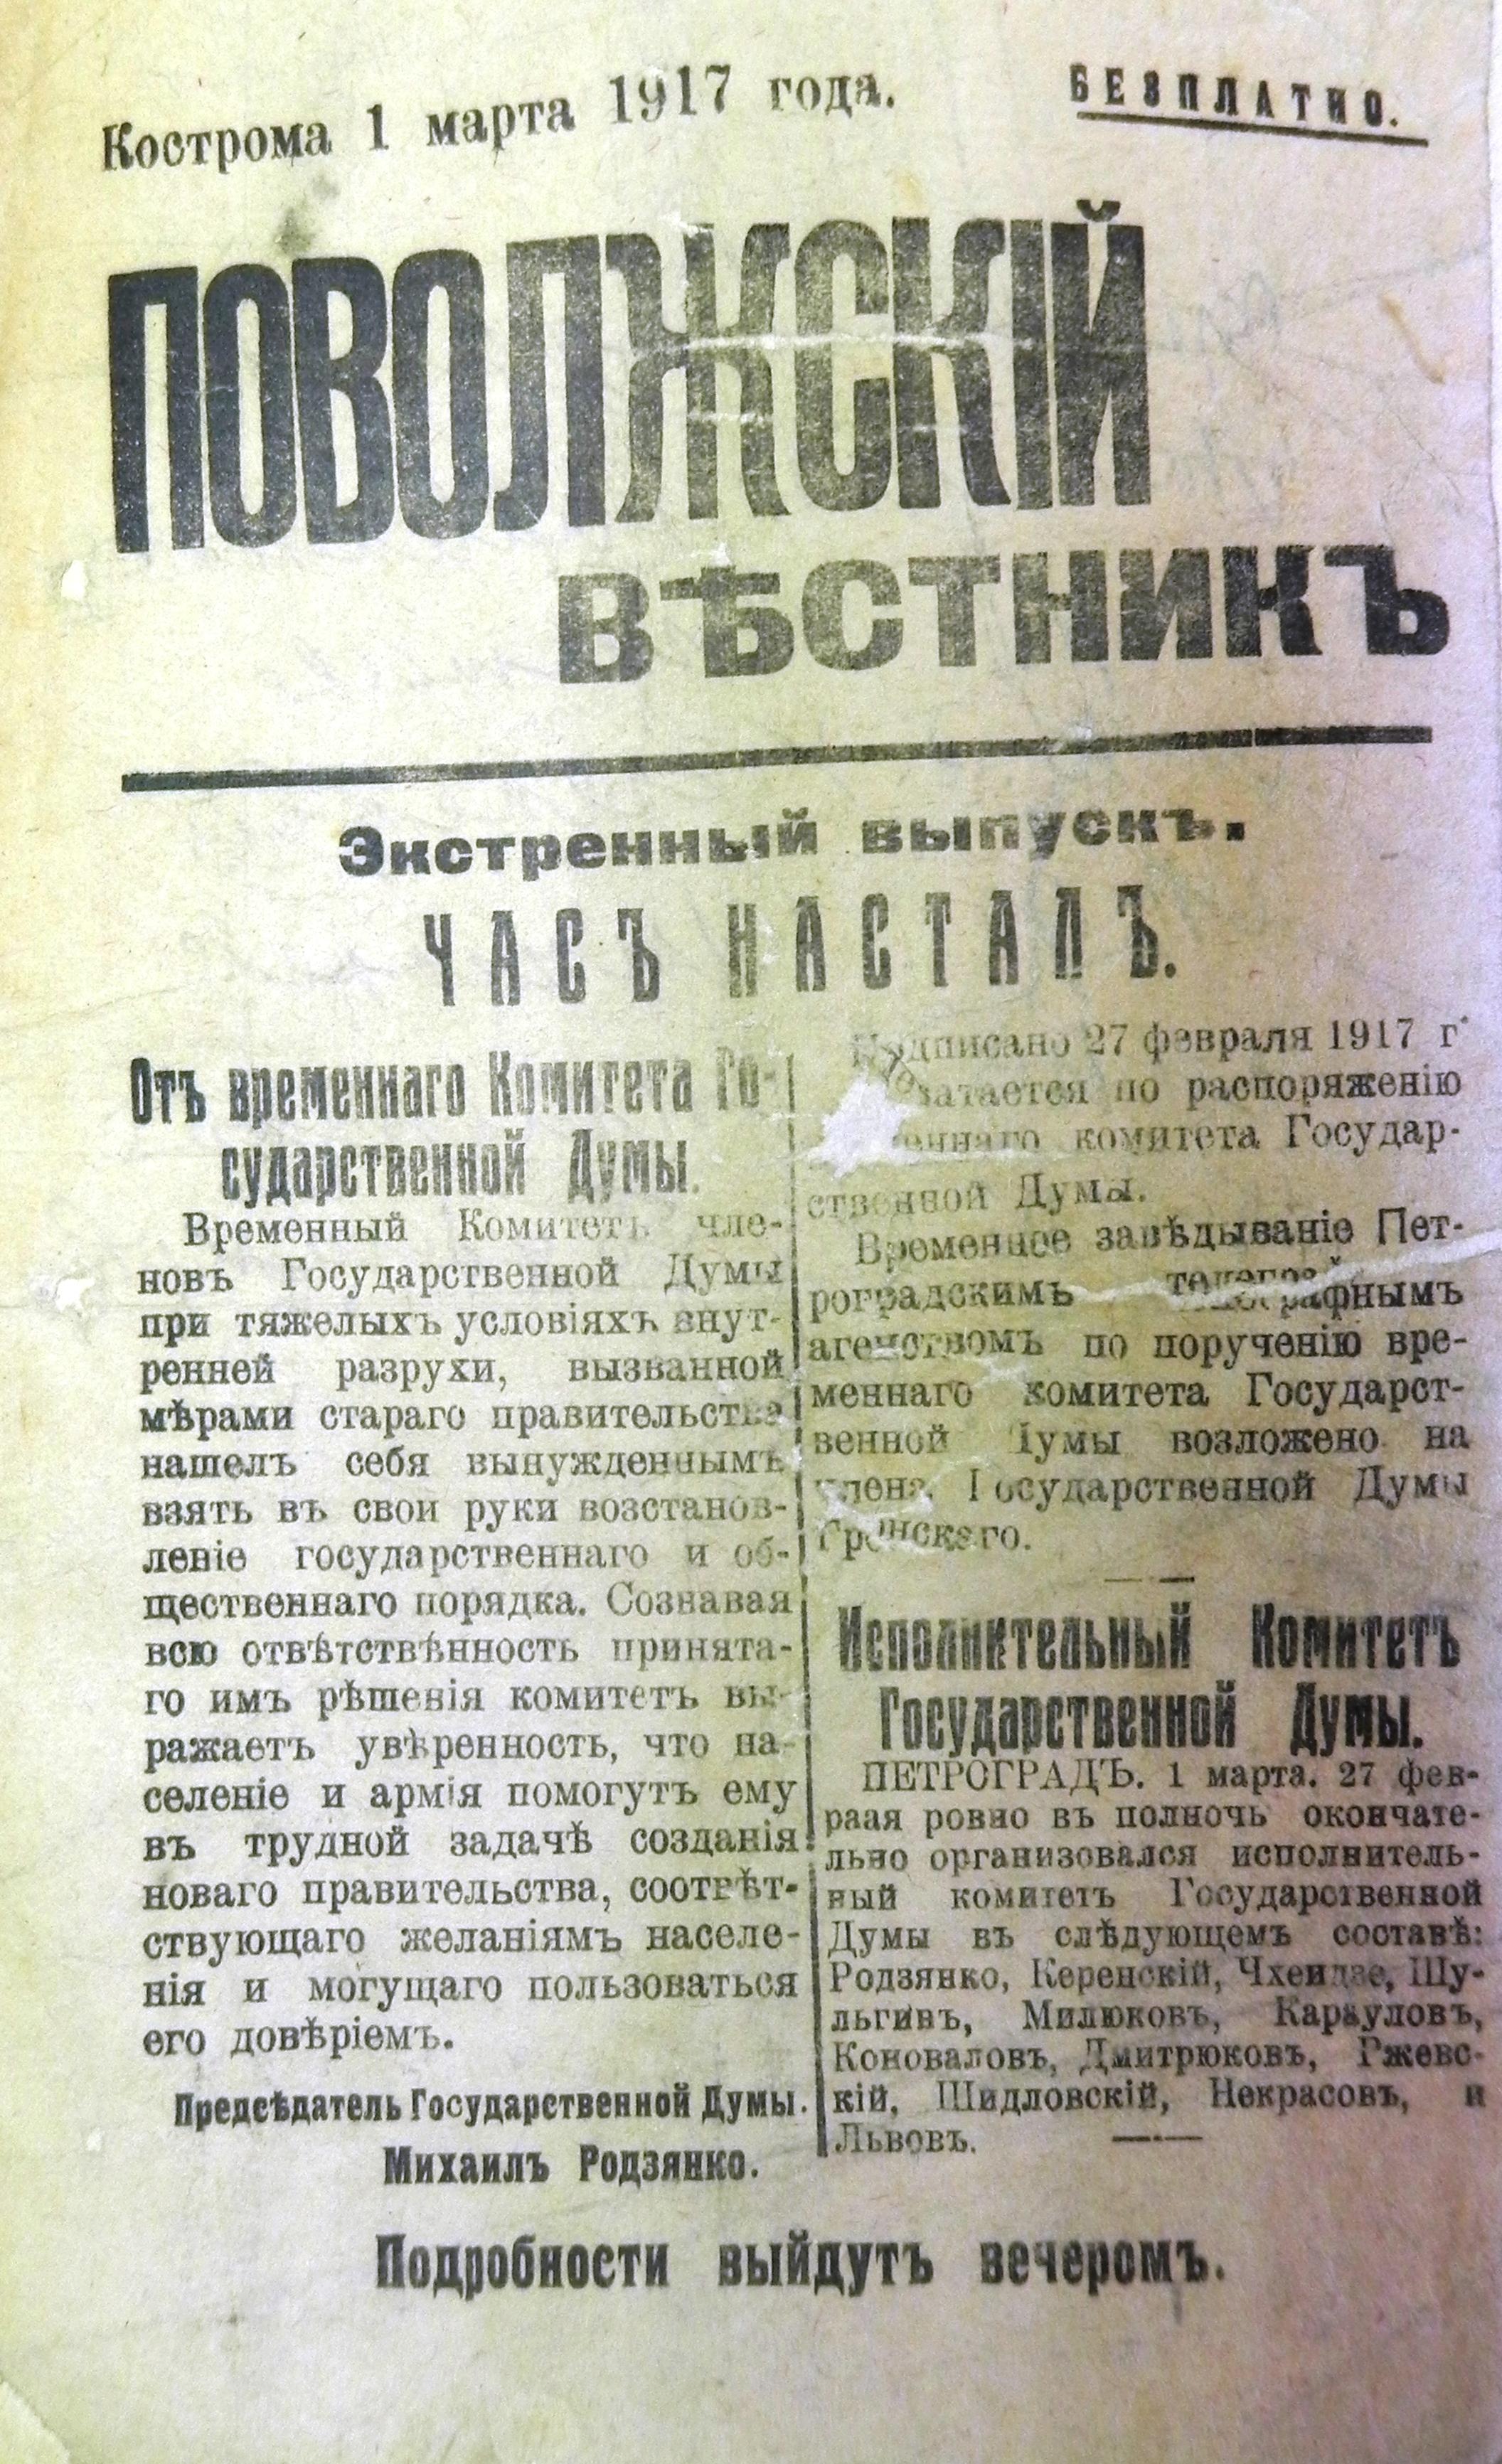 Костромская газета Поволжский вестник от 1 марта 1917 года.jpg